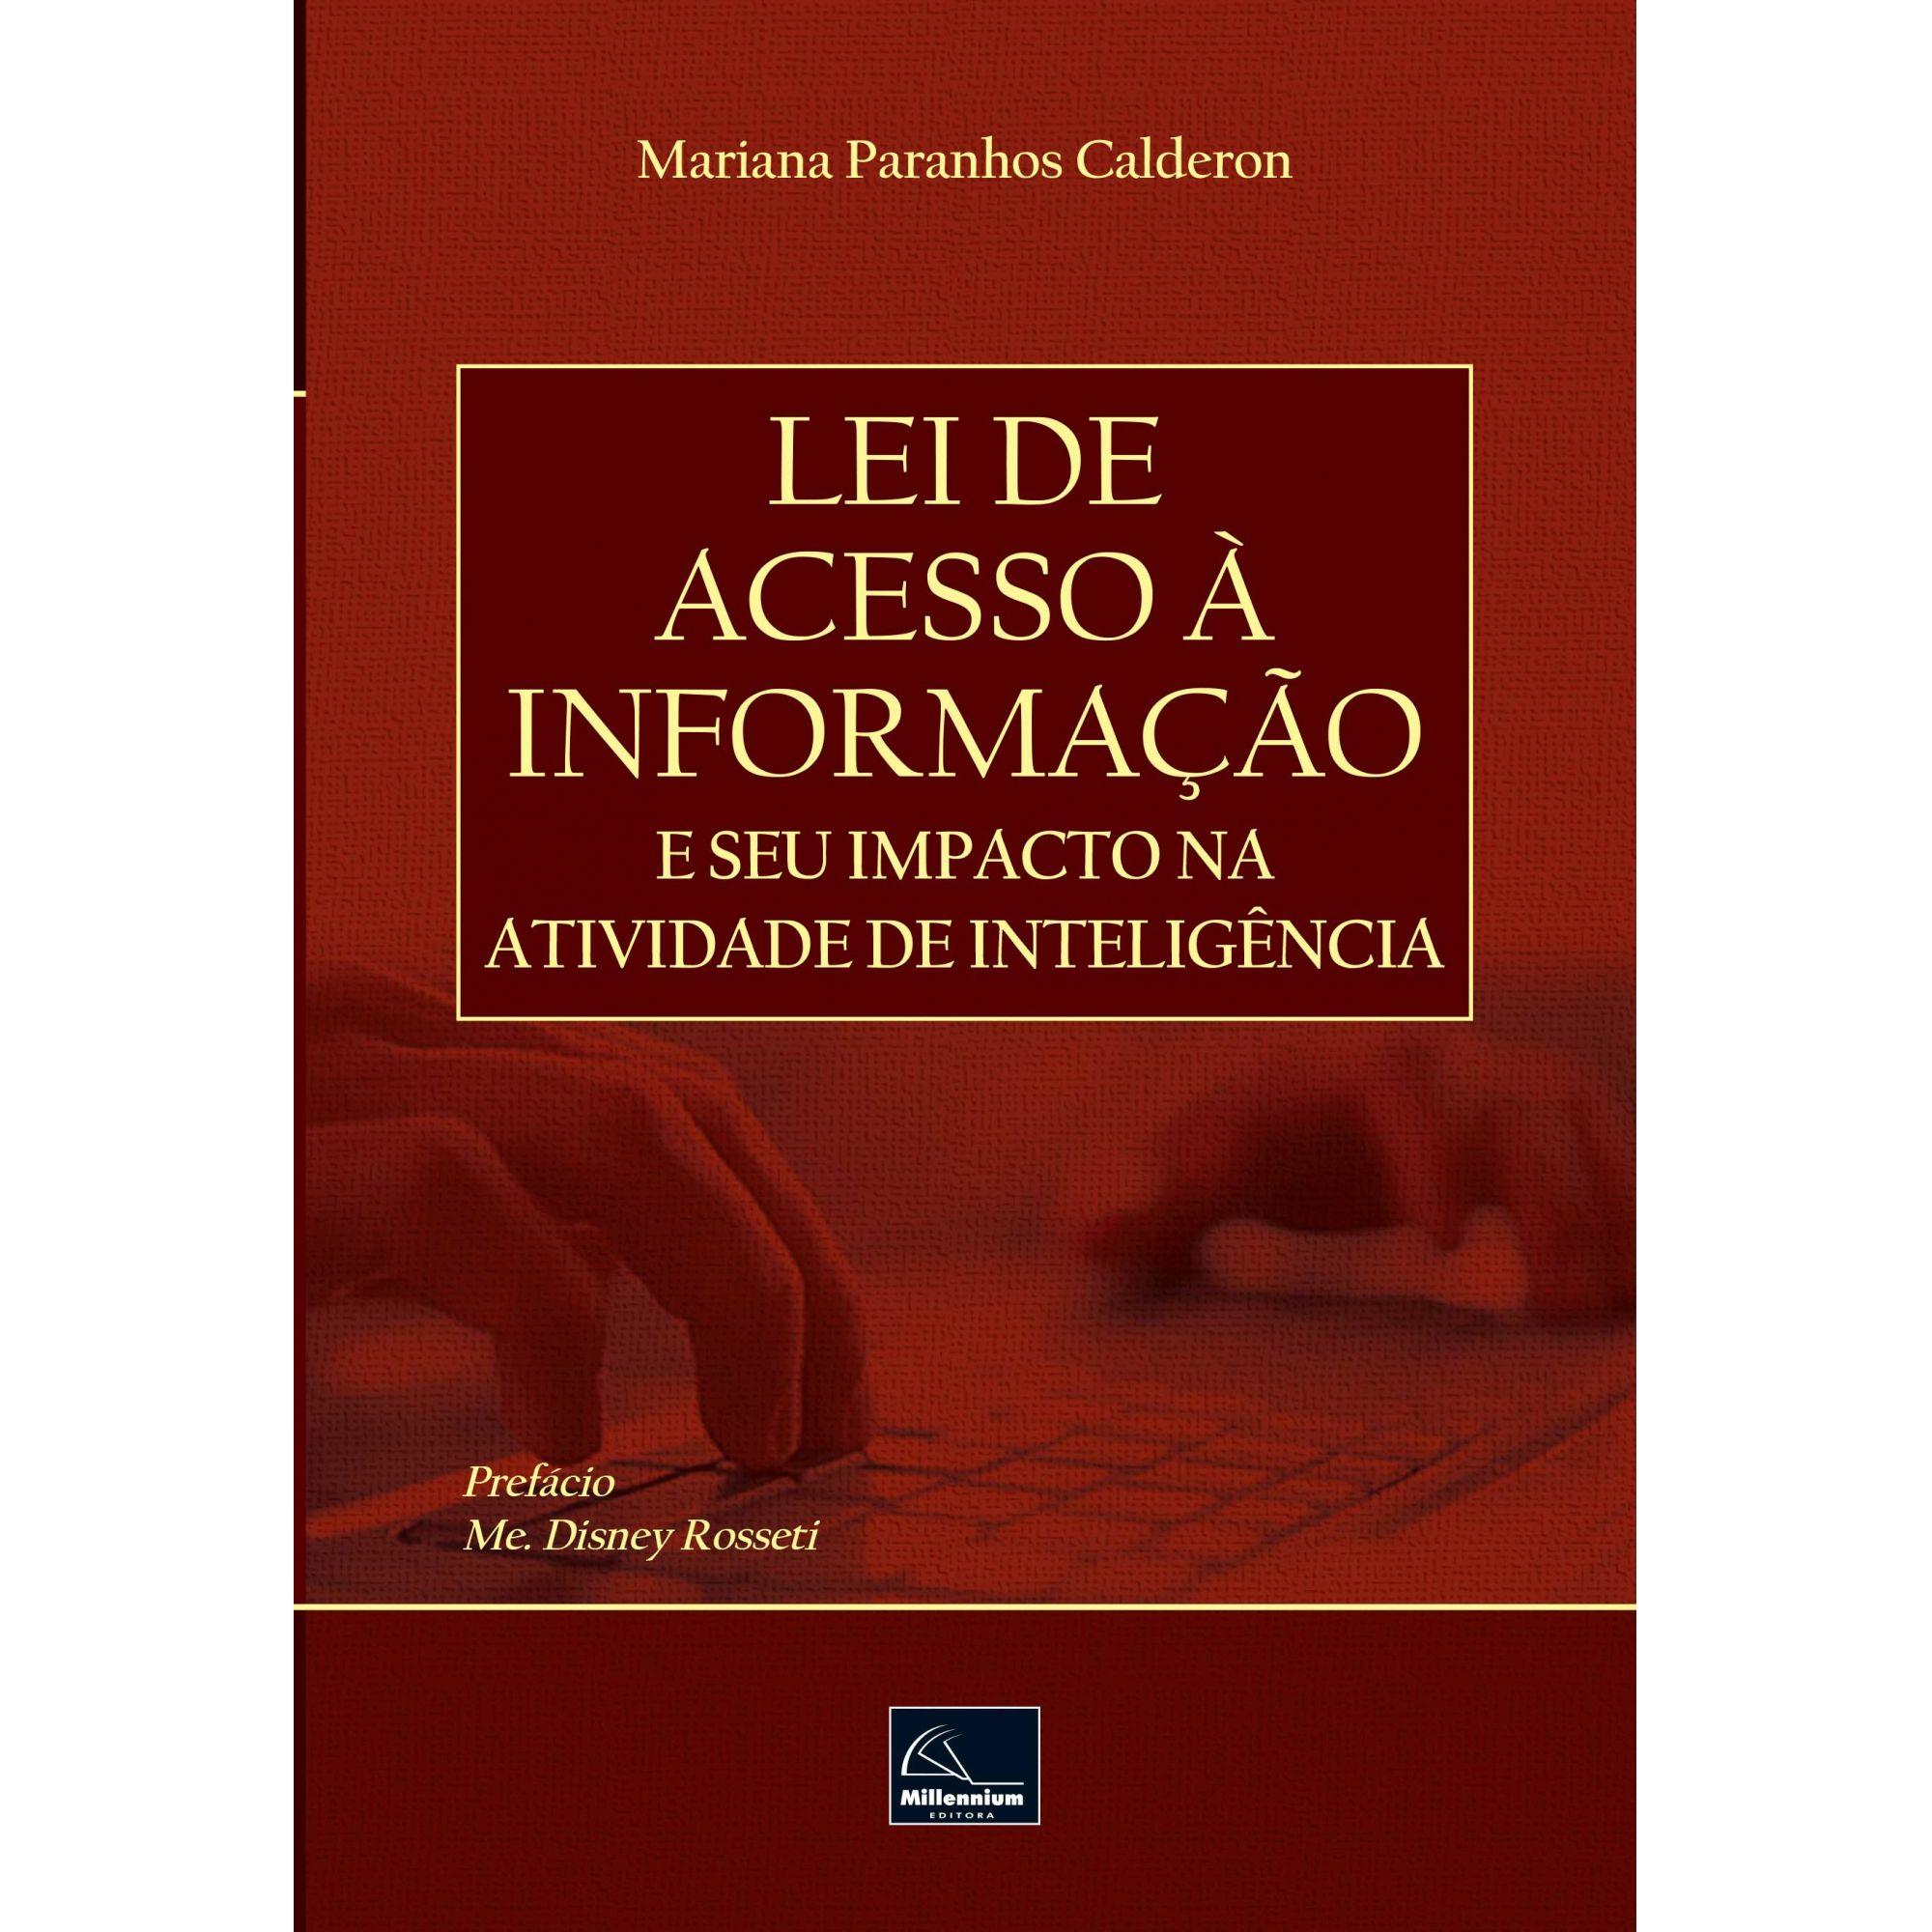 Lei de Acesso a Informação e seu Impacto na Atividade de  Inteligencia <b>Autor: Mariana Paranhos Calderon</b>  - Millennium Editora - Livros de Perícia